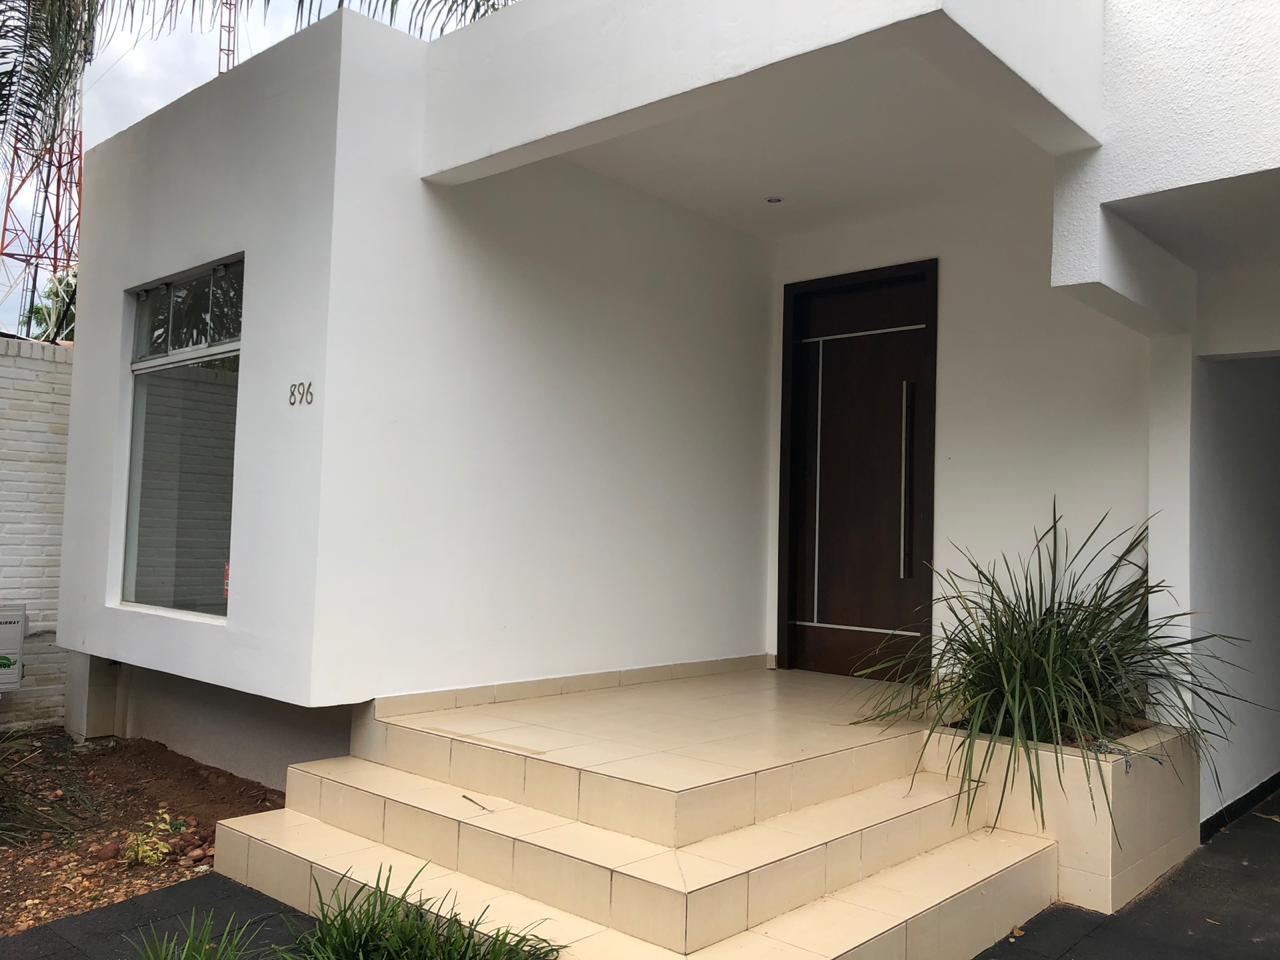 Alquilo hermosa residencia con piscina en barrio cerrado for Casa minimalista uy